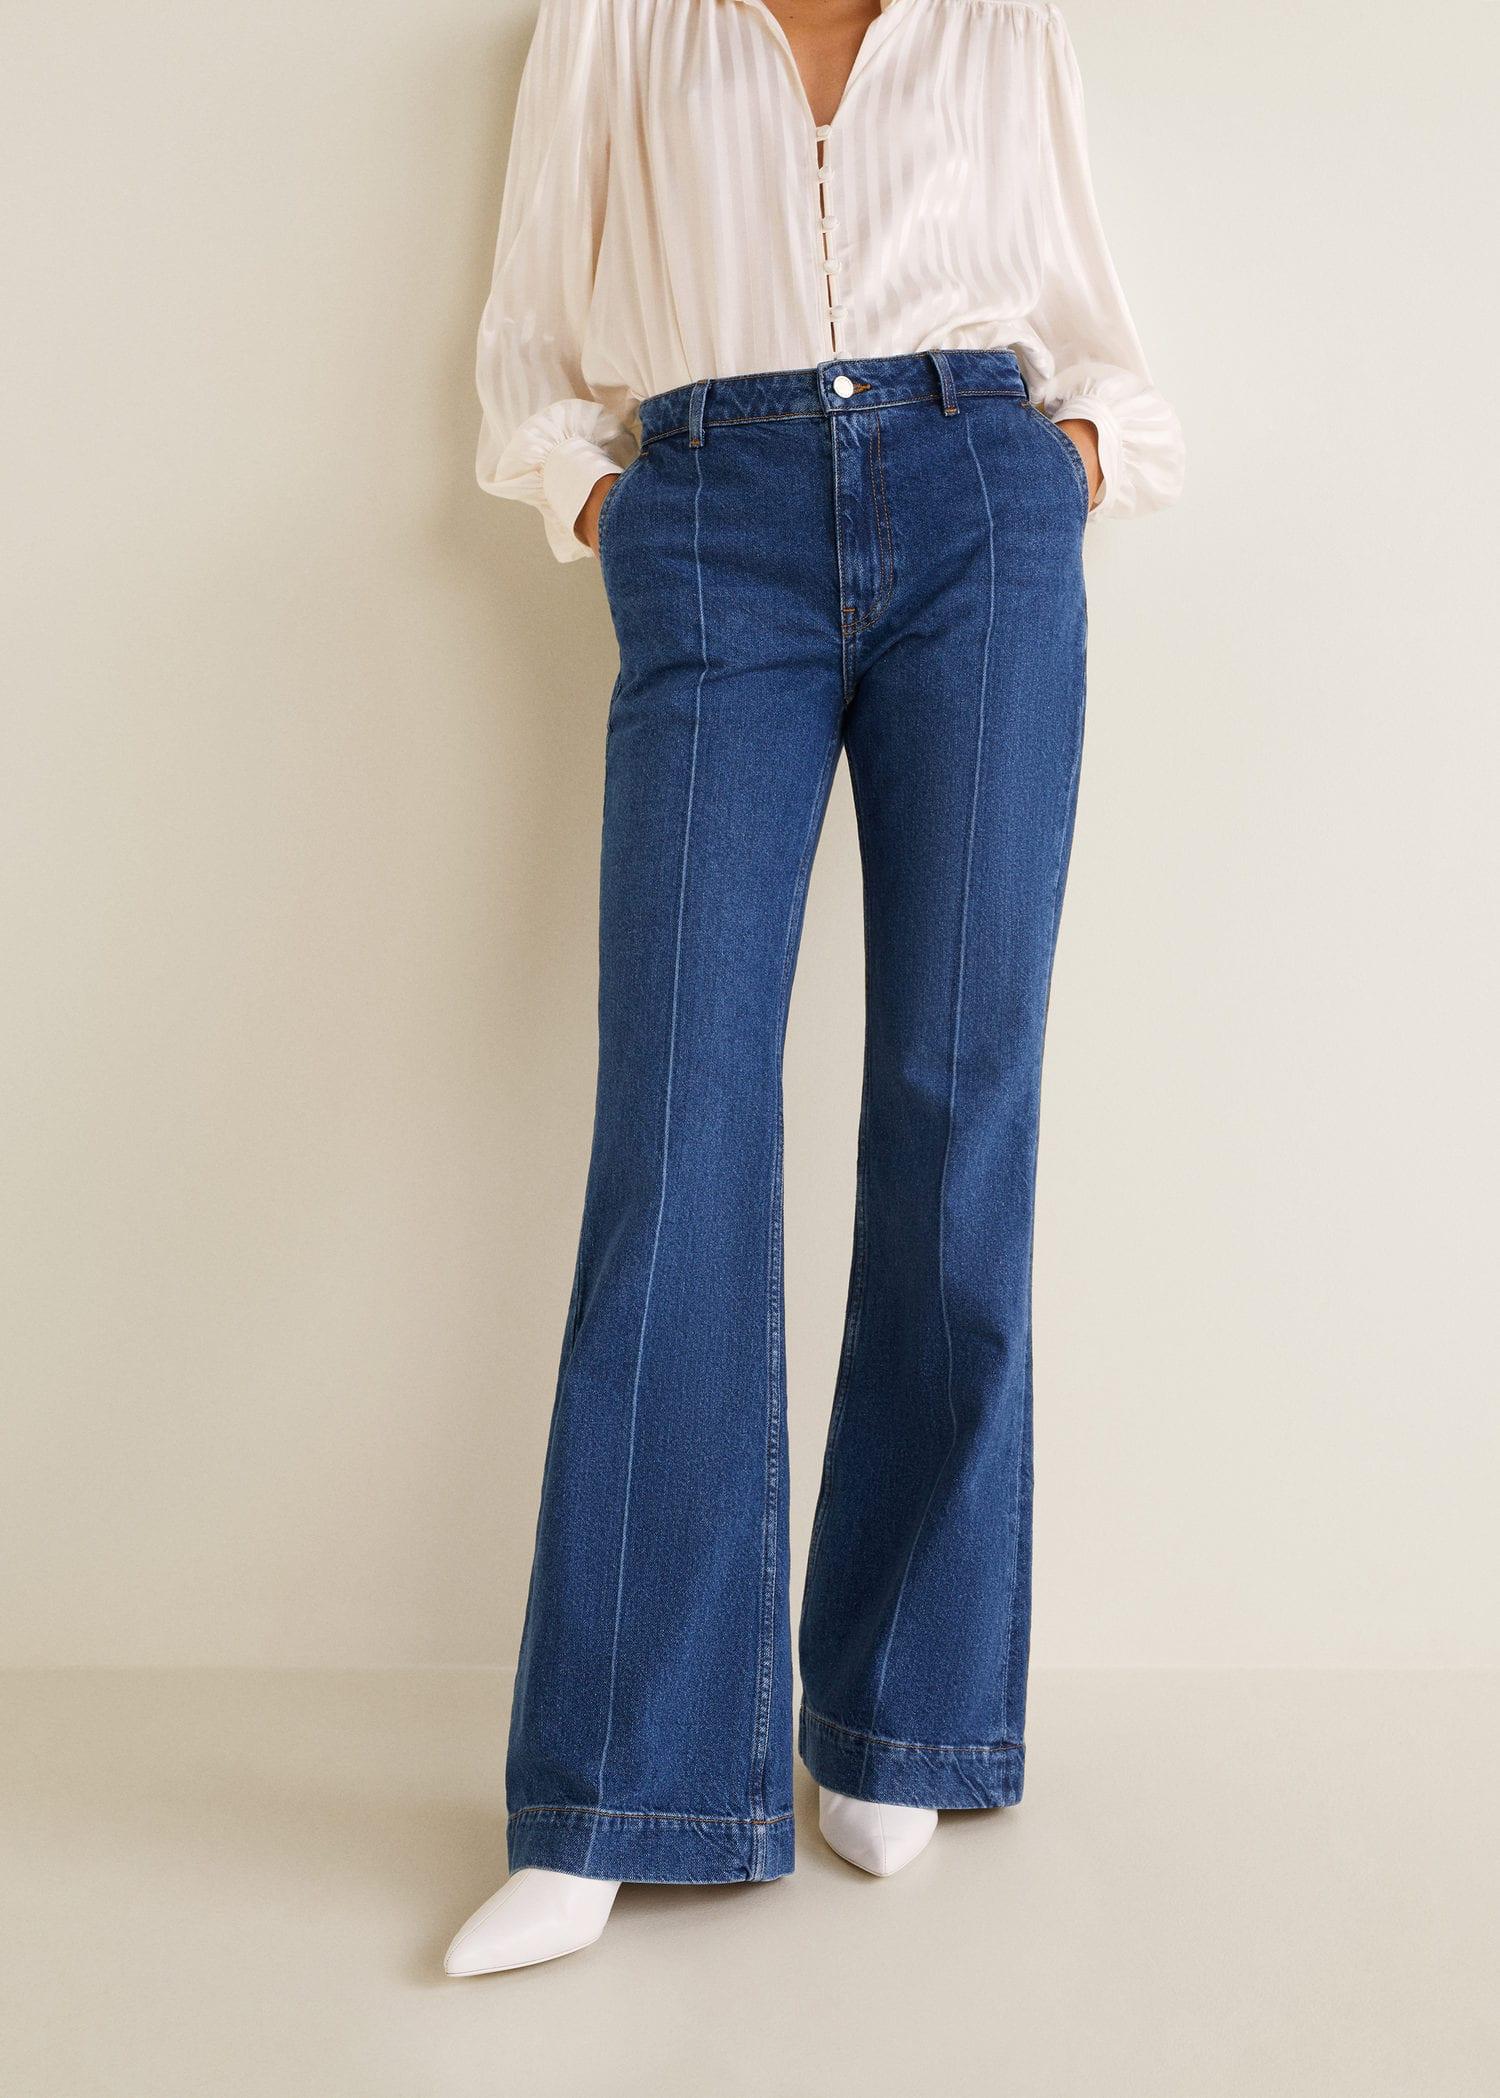 Jeans Flared Seam Flared Decorative Decorative Seam dWxorBeC